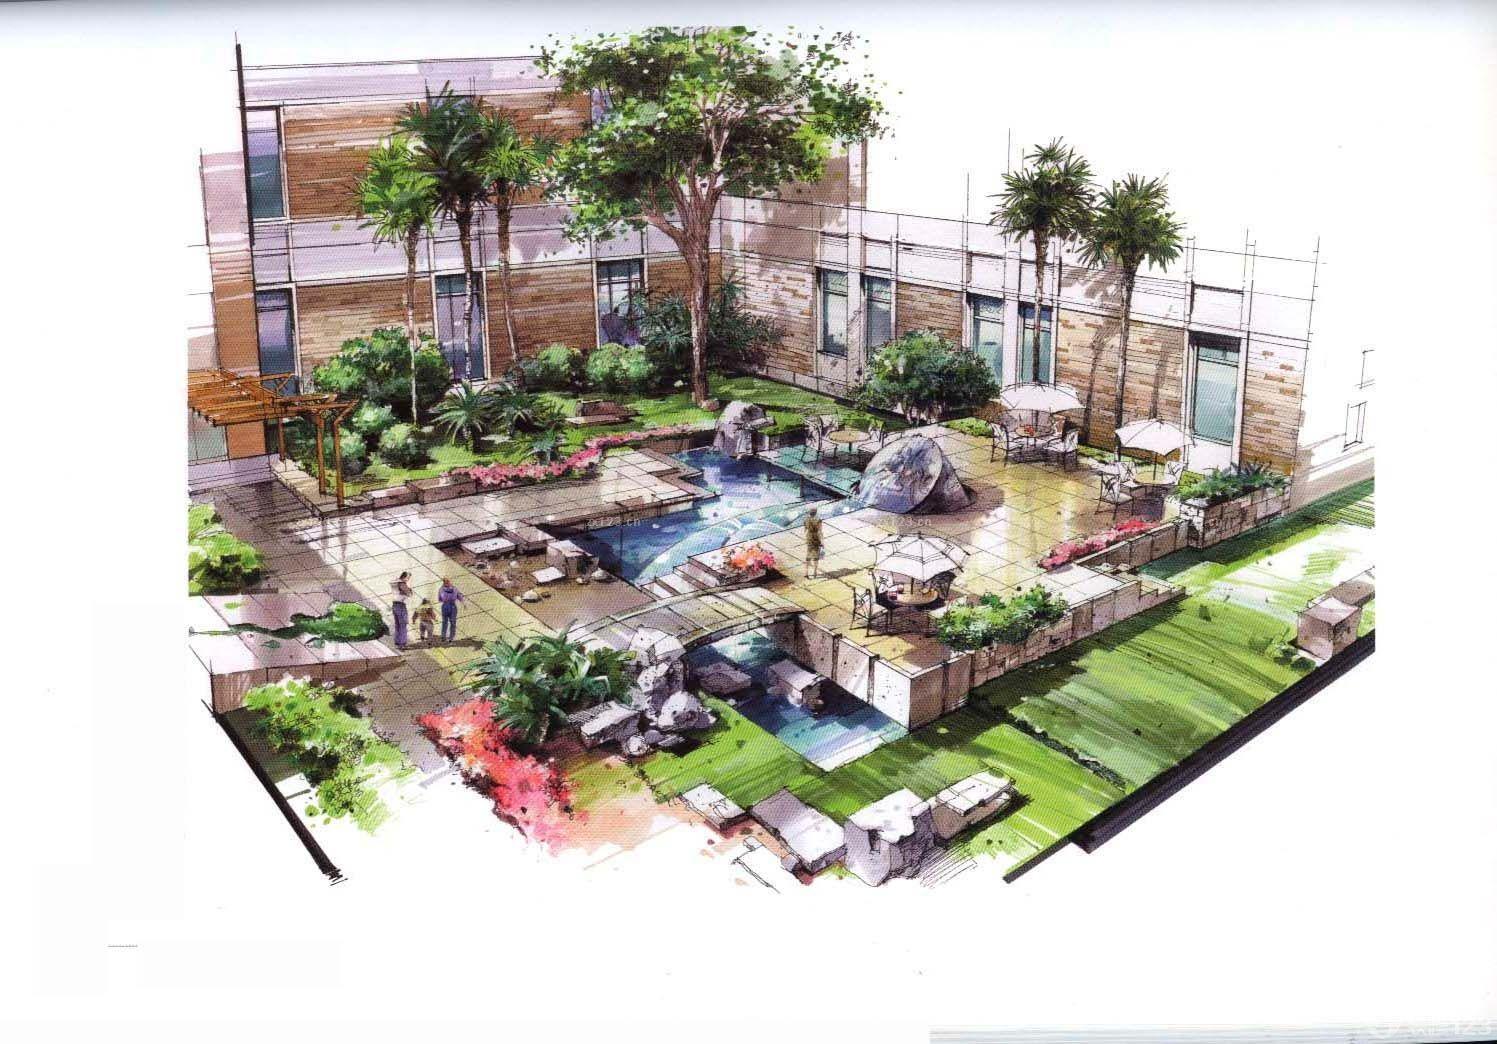 庭院绿化景观手绘效果图